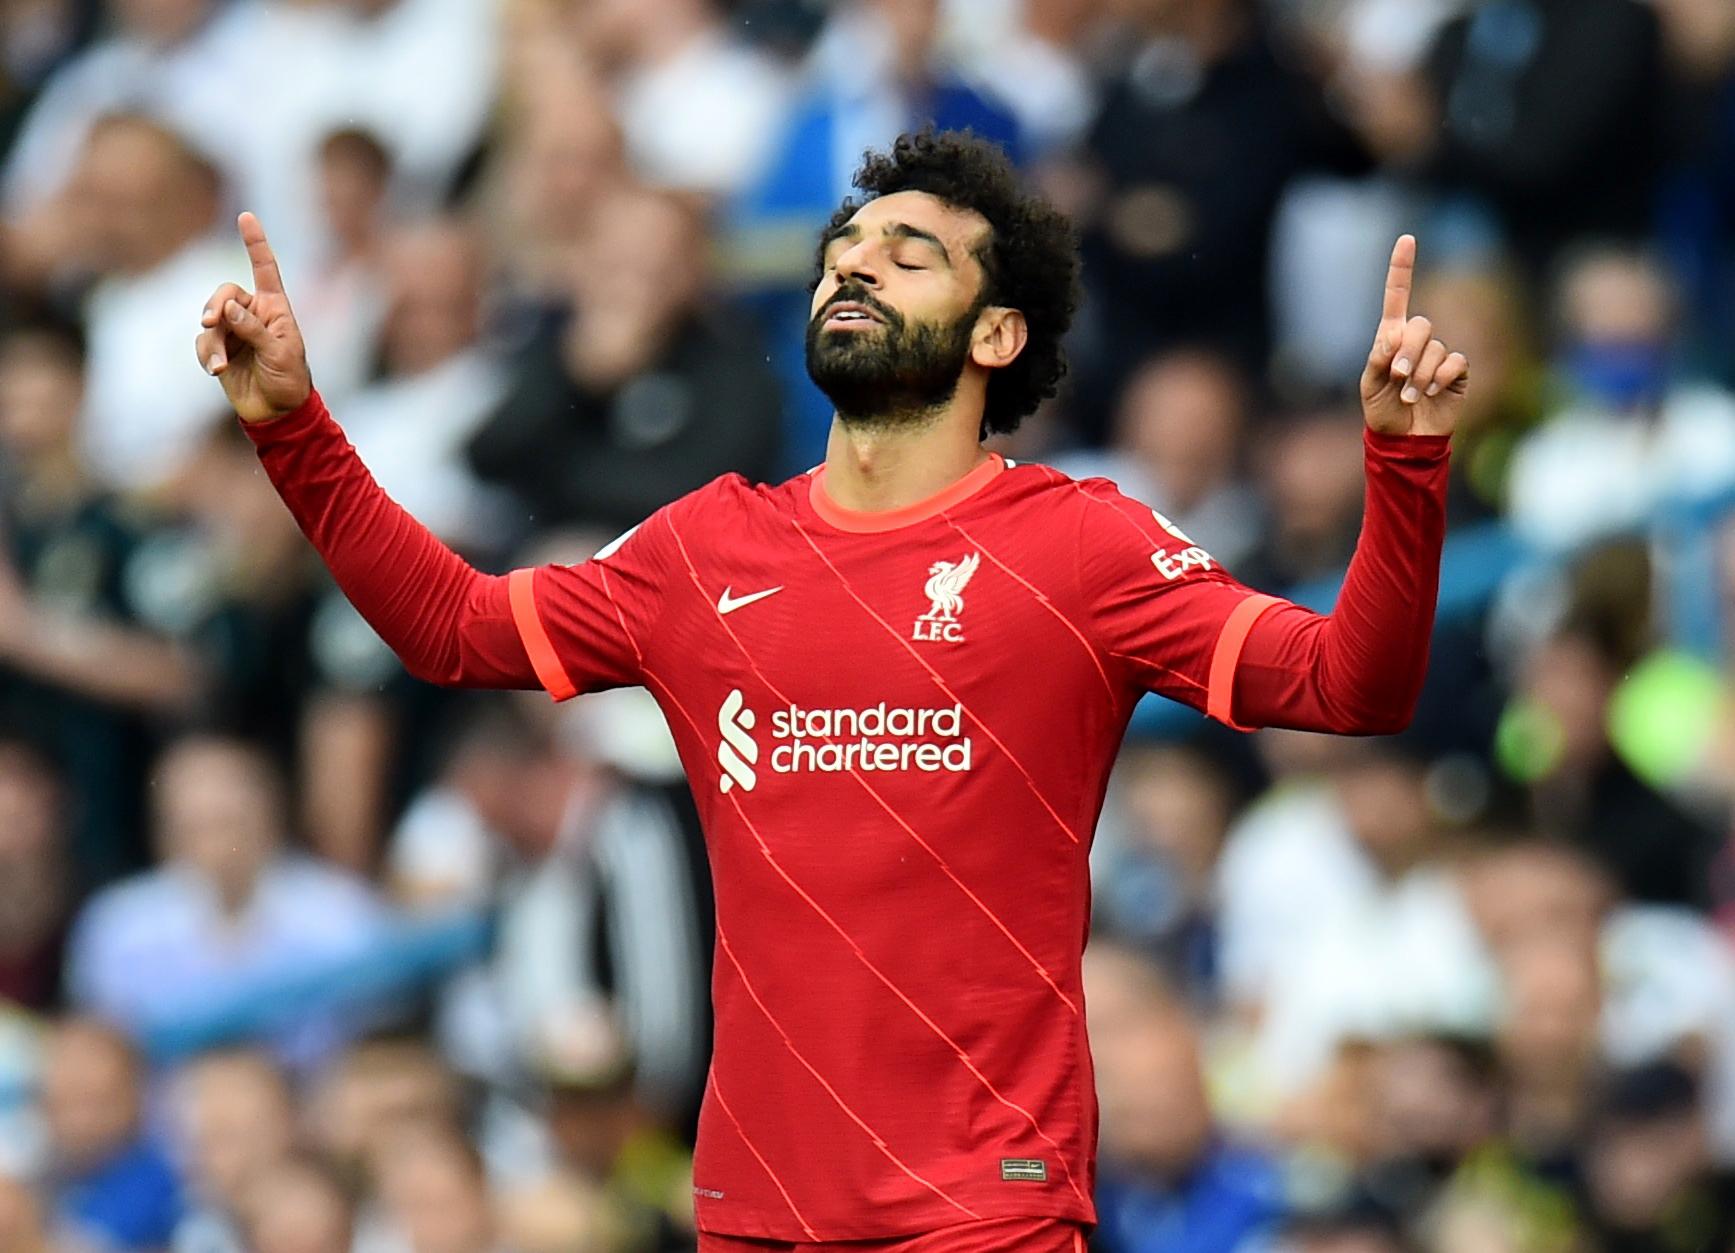 Λίβερπουλ: Ο Σαλάχ έγινε «100άρης» στα γκολ με τη φανέλα των «κόκκινων»